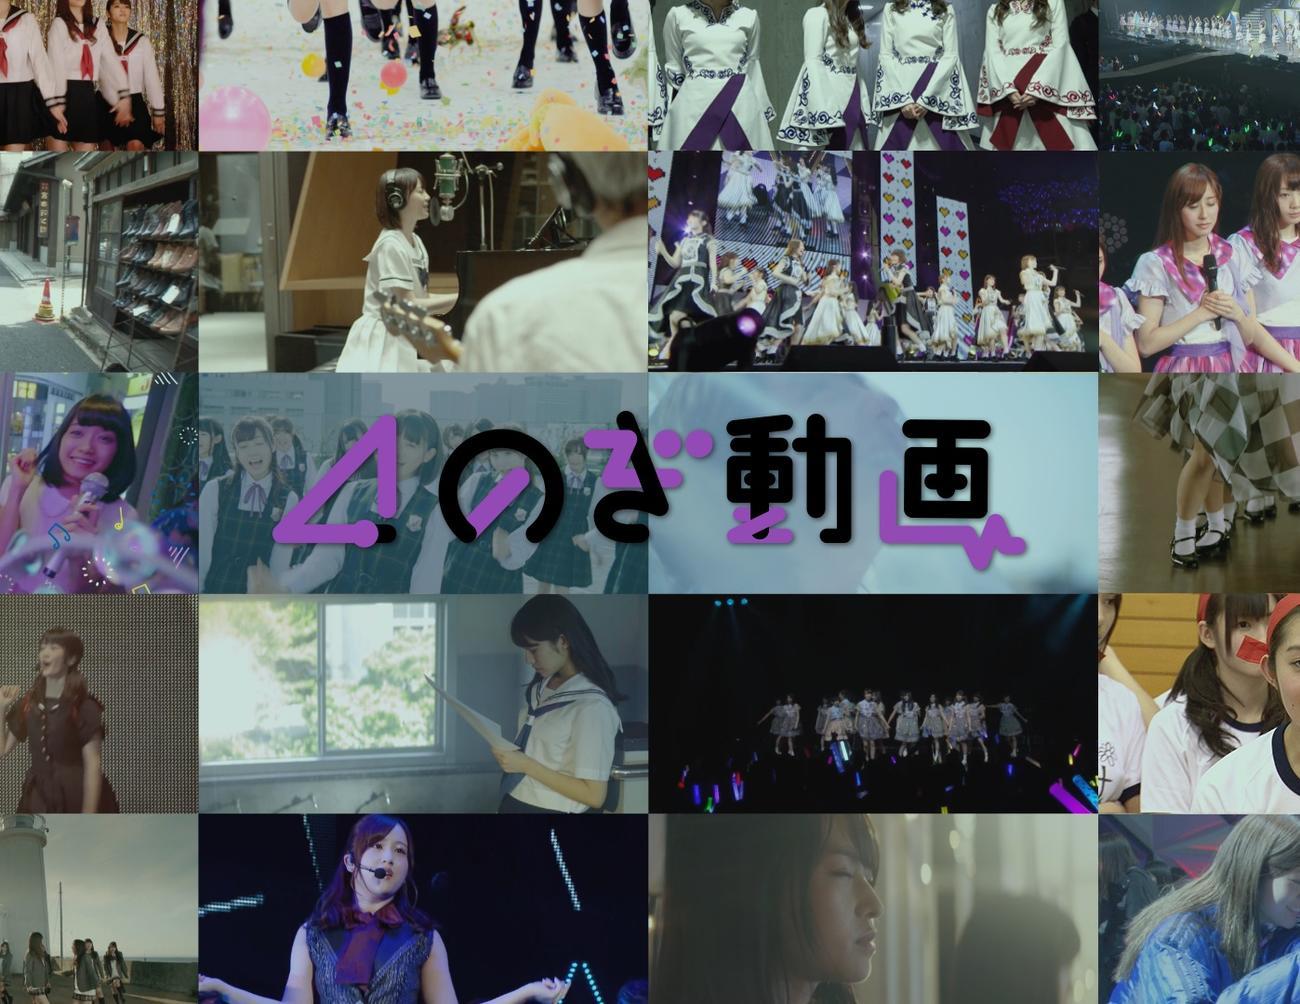 【乃木坂46】金川紗耶応援スレ☆11【やんちゃん】YouTube動画>20本 ->画像>117枚